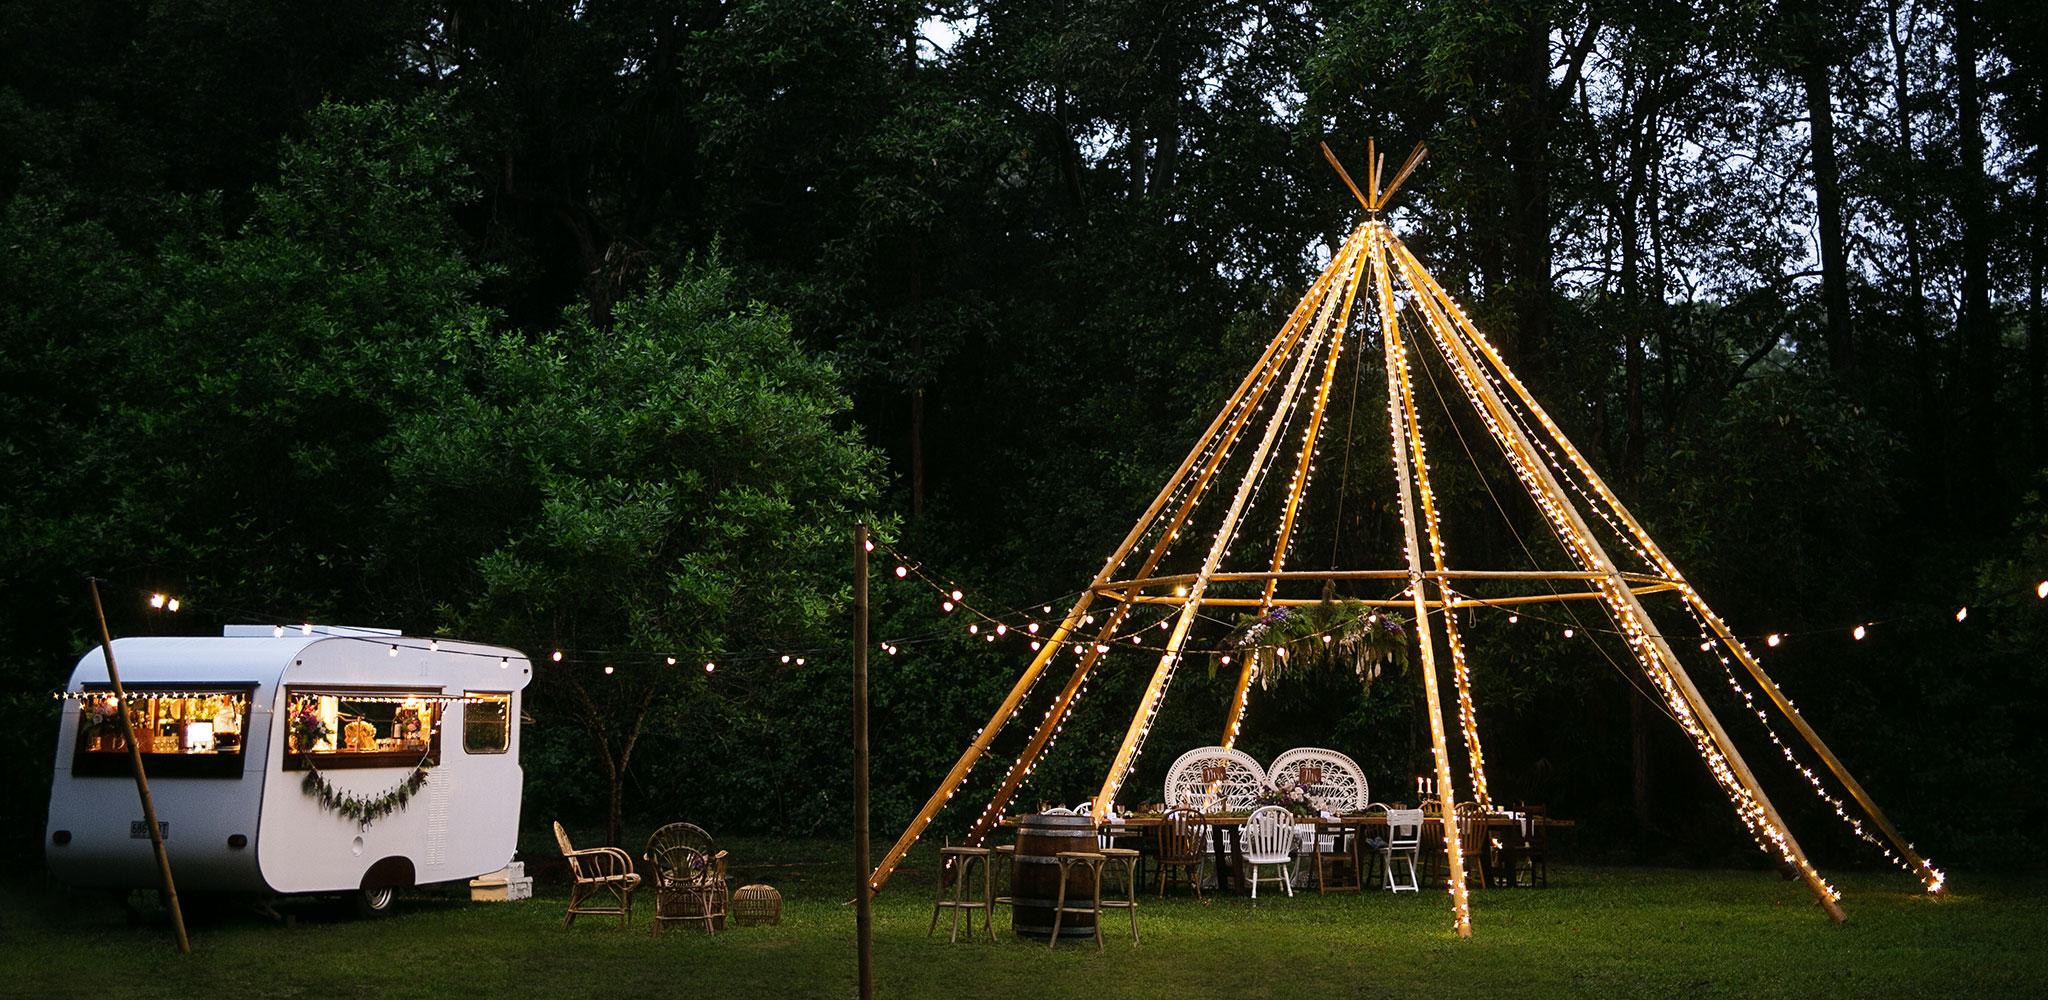 caravan-teepee-wedding